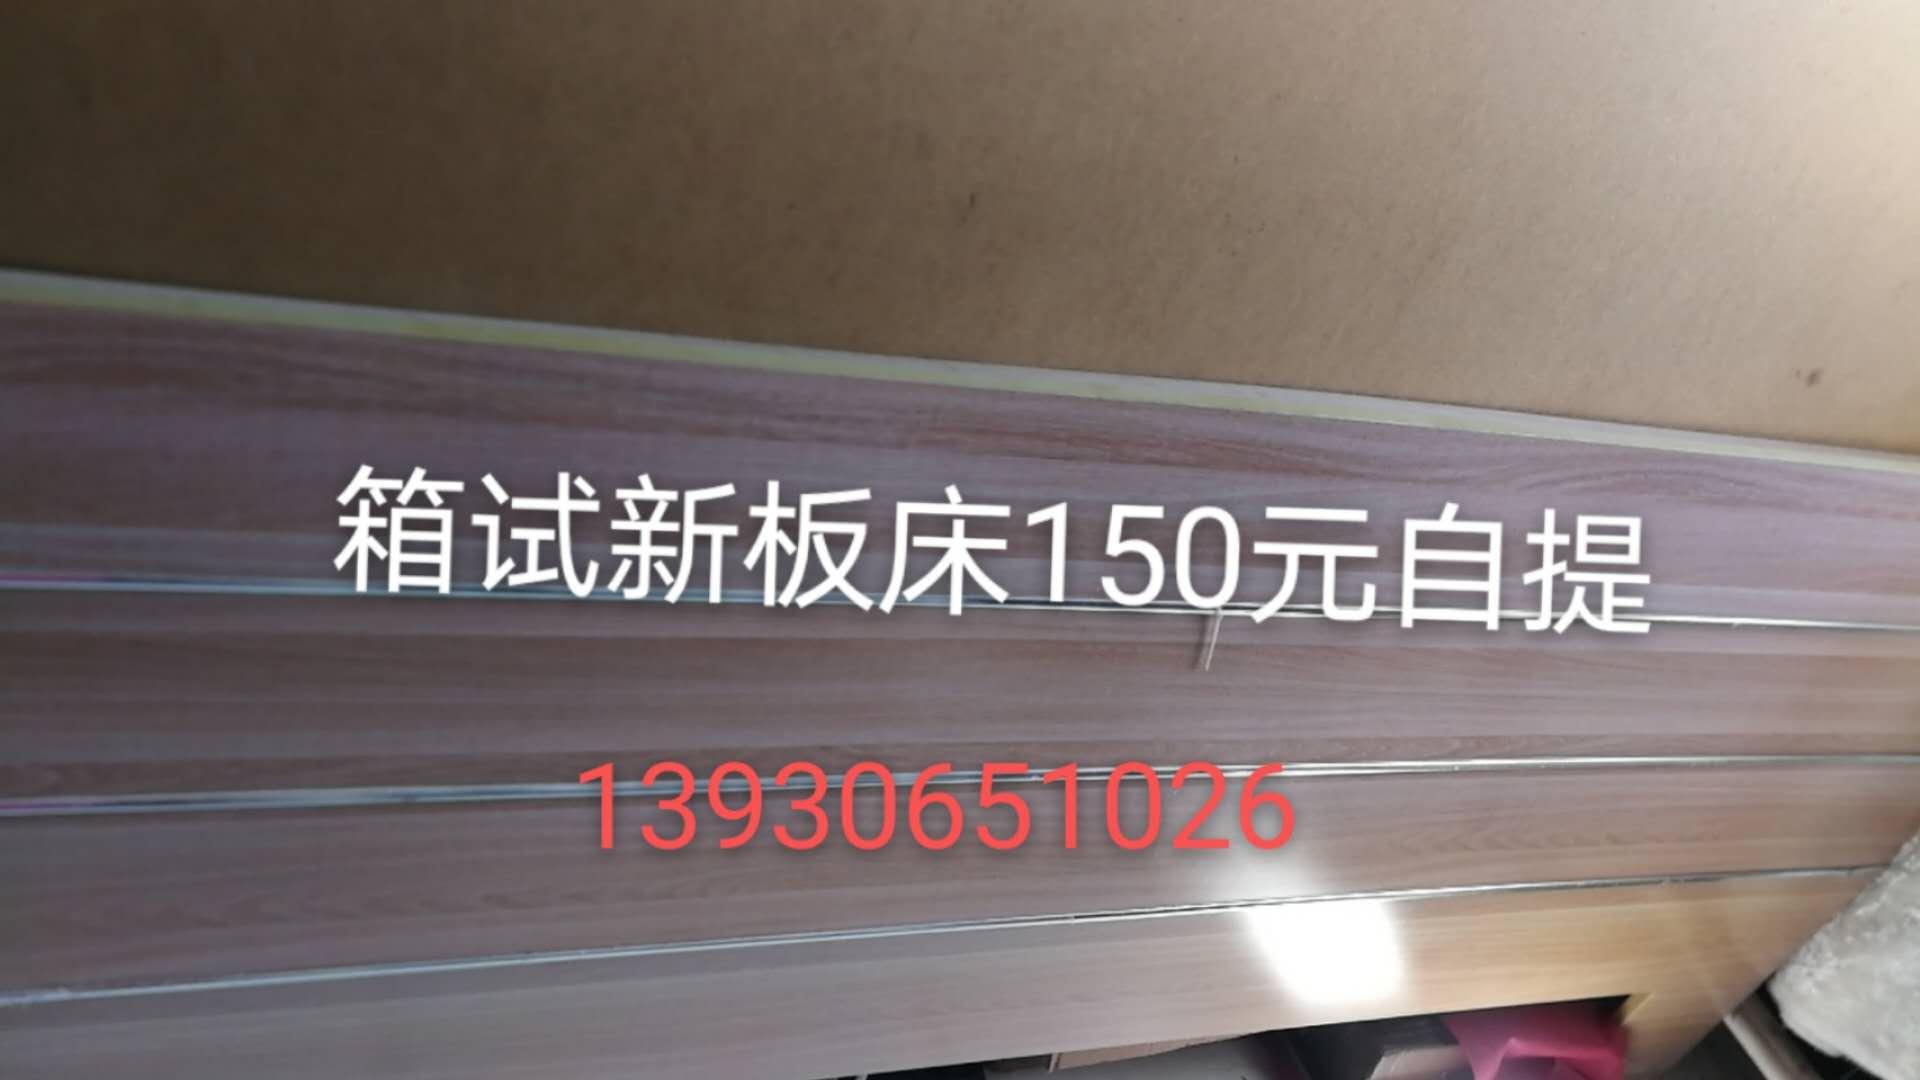 f586ce7a3a153b0884180ce3a02b1d5.jpg